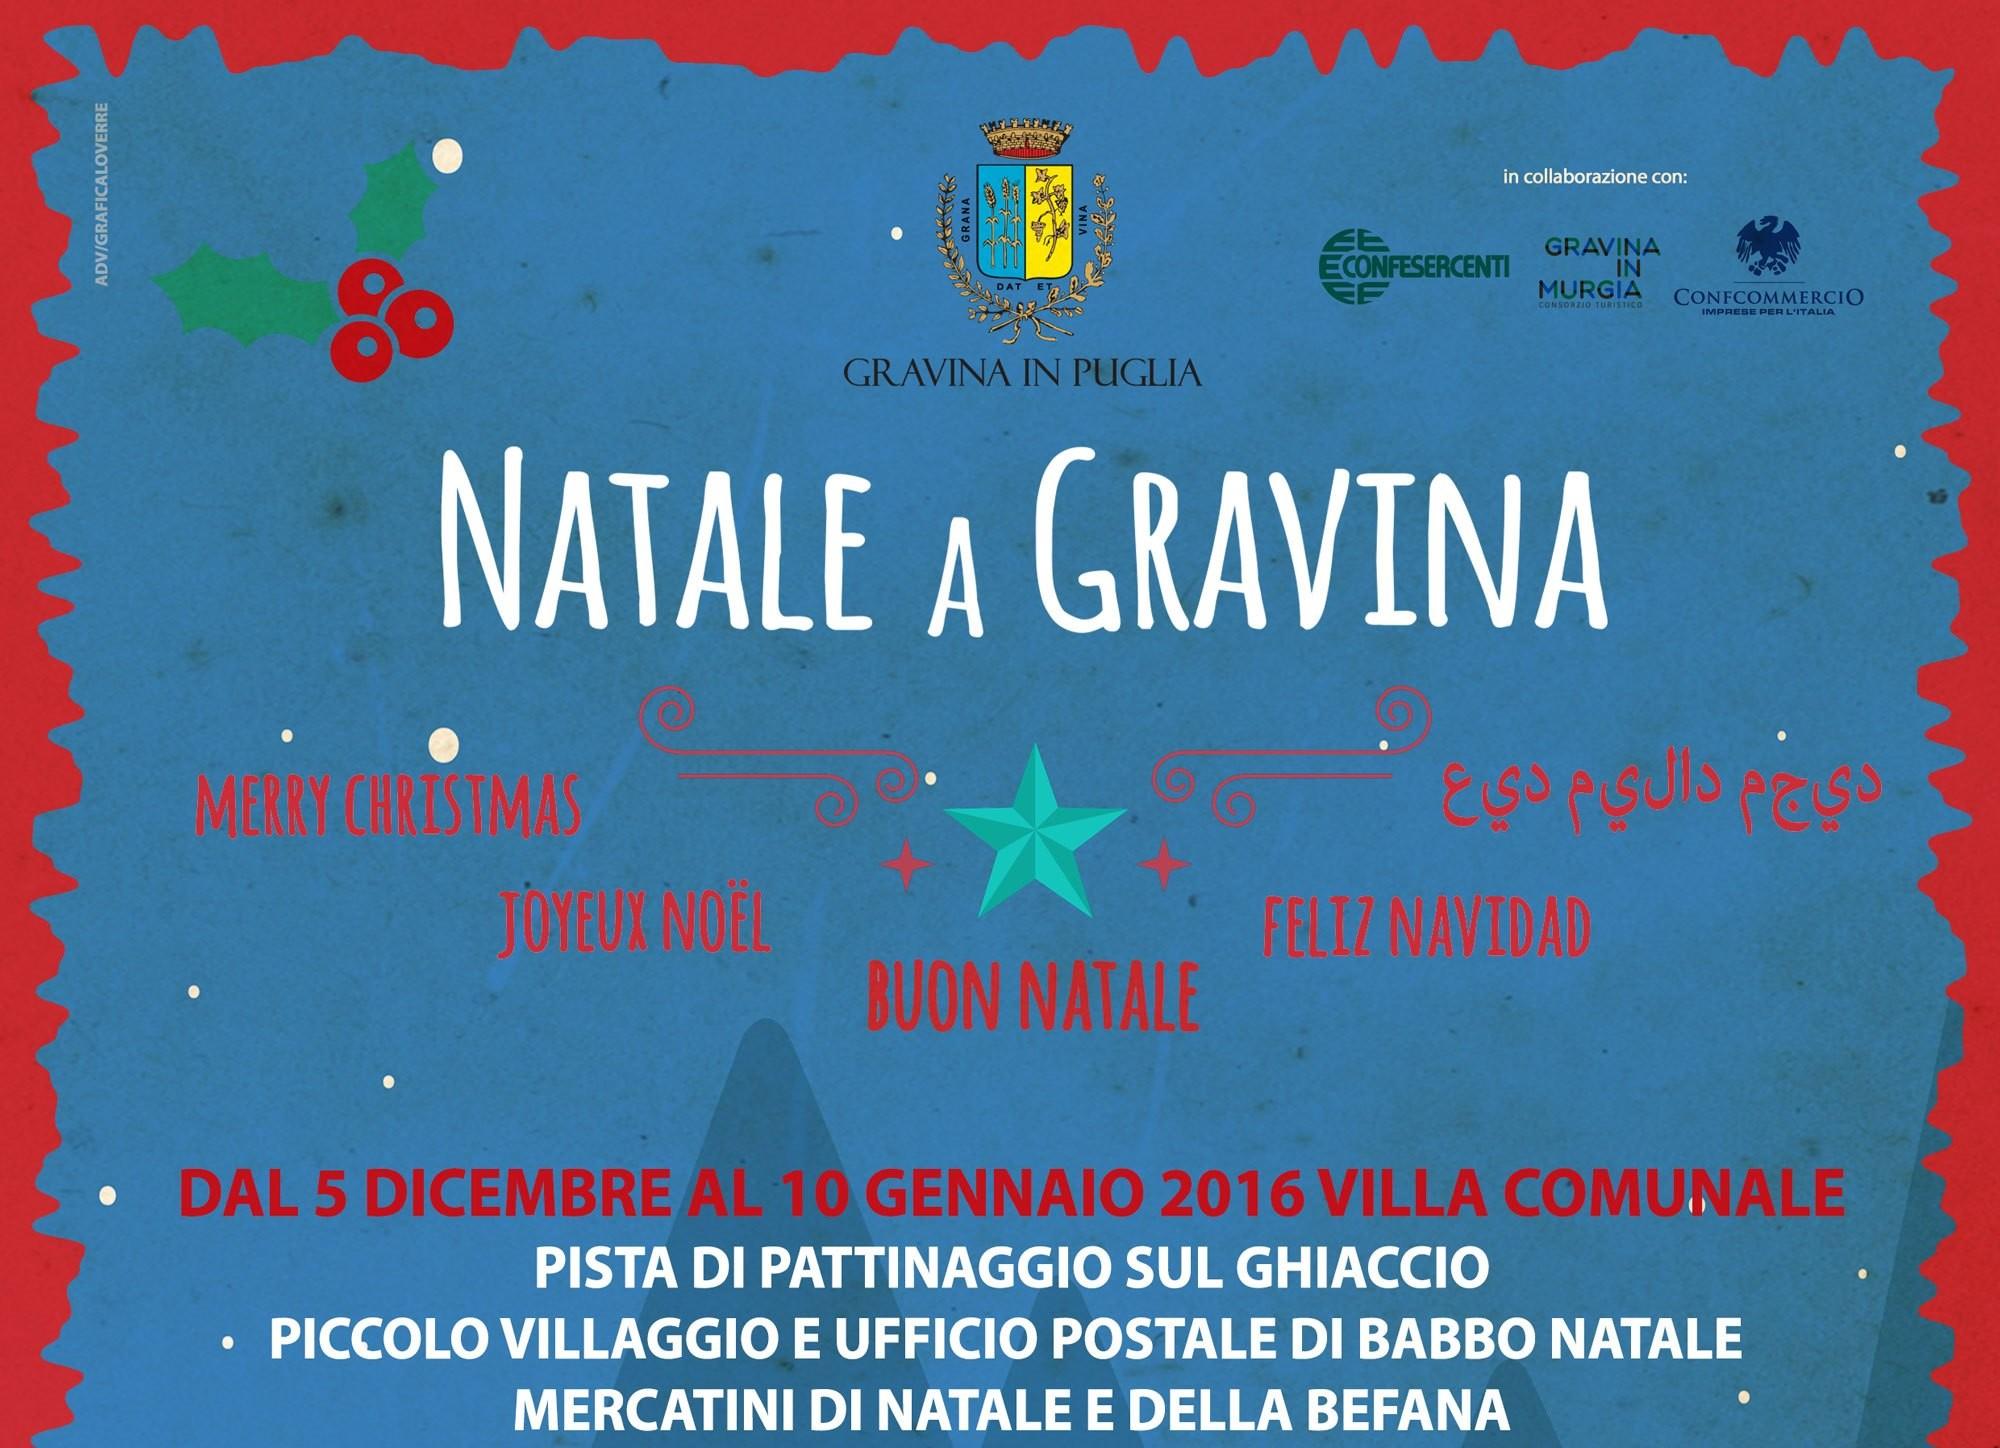 Calendario 2019 Rimini Fiera Recientes Programma News Ed eventi – Gravina In Murgia Of Calendario 2019 Rimini Fiera Más Reciente Home